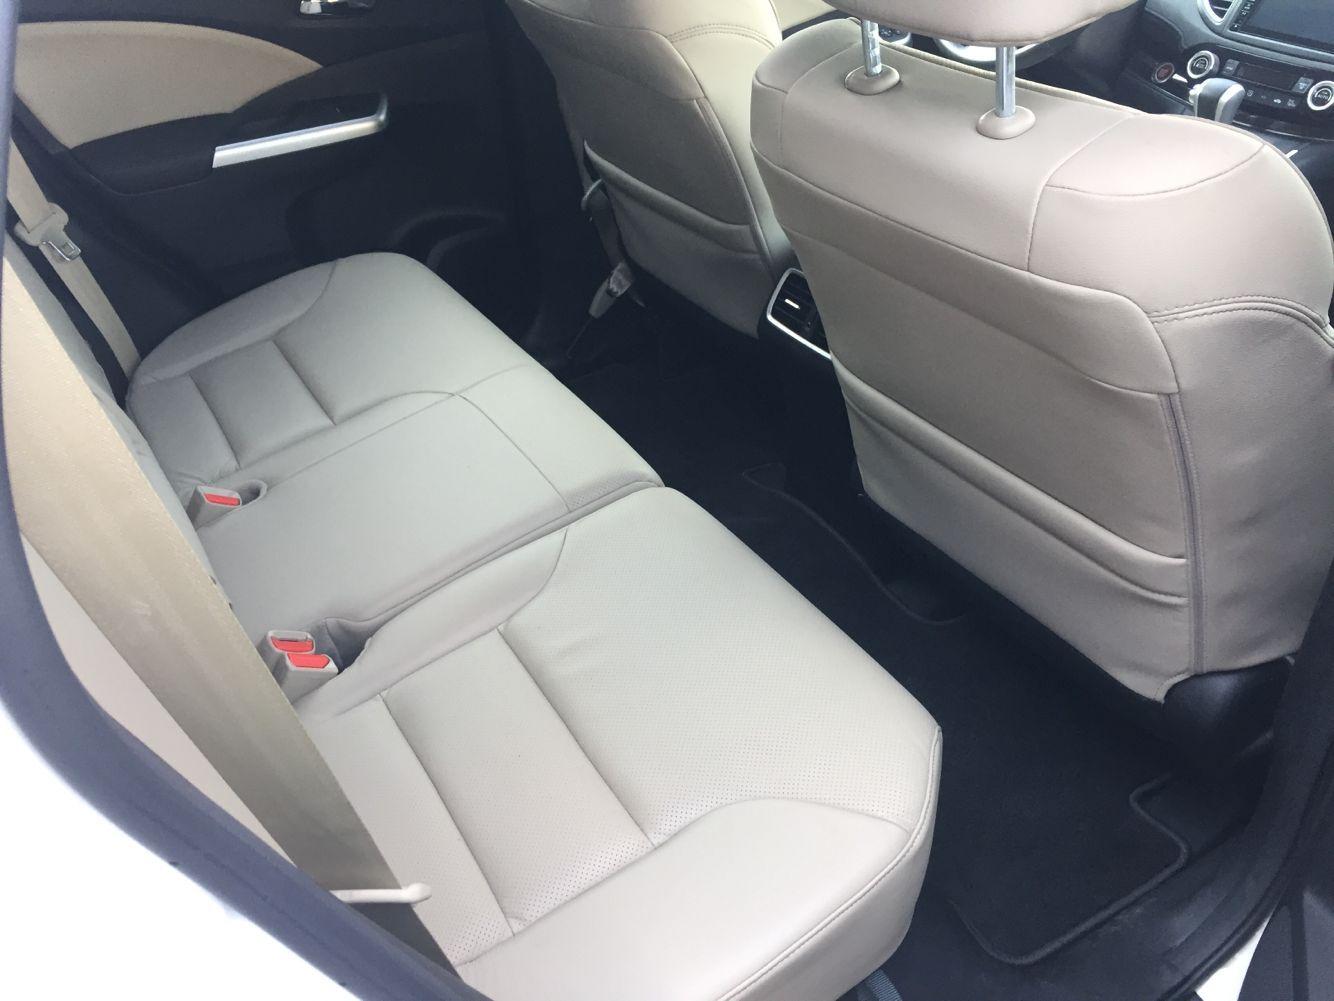 2015售房信息_出售2015年 Honda CRV EX-L 里程39000迈 汽车类型:敞篷车;汽车品牌:奔驰 ...